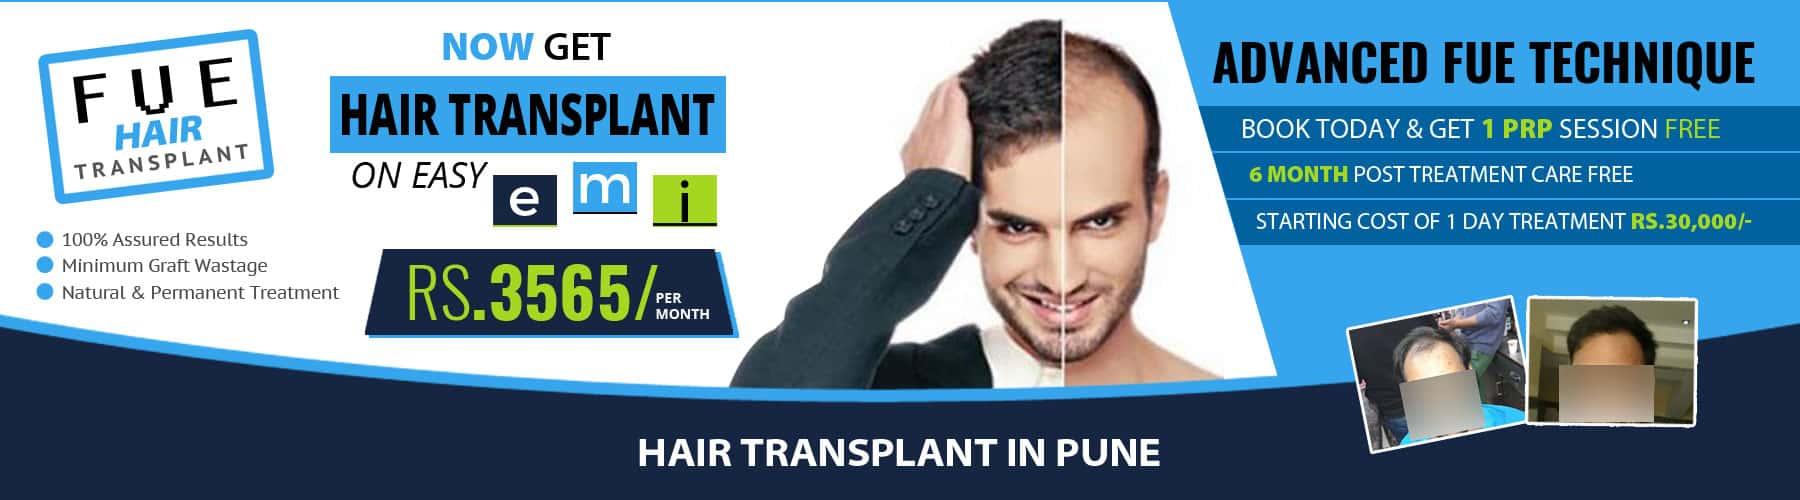 Hair Transplant Pune